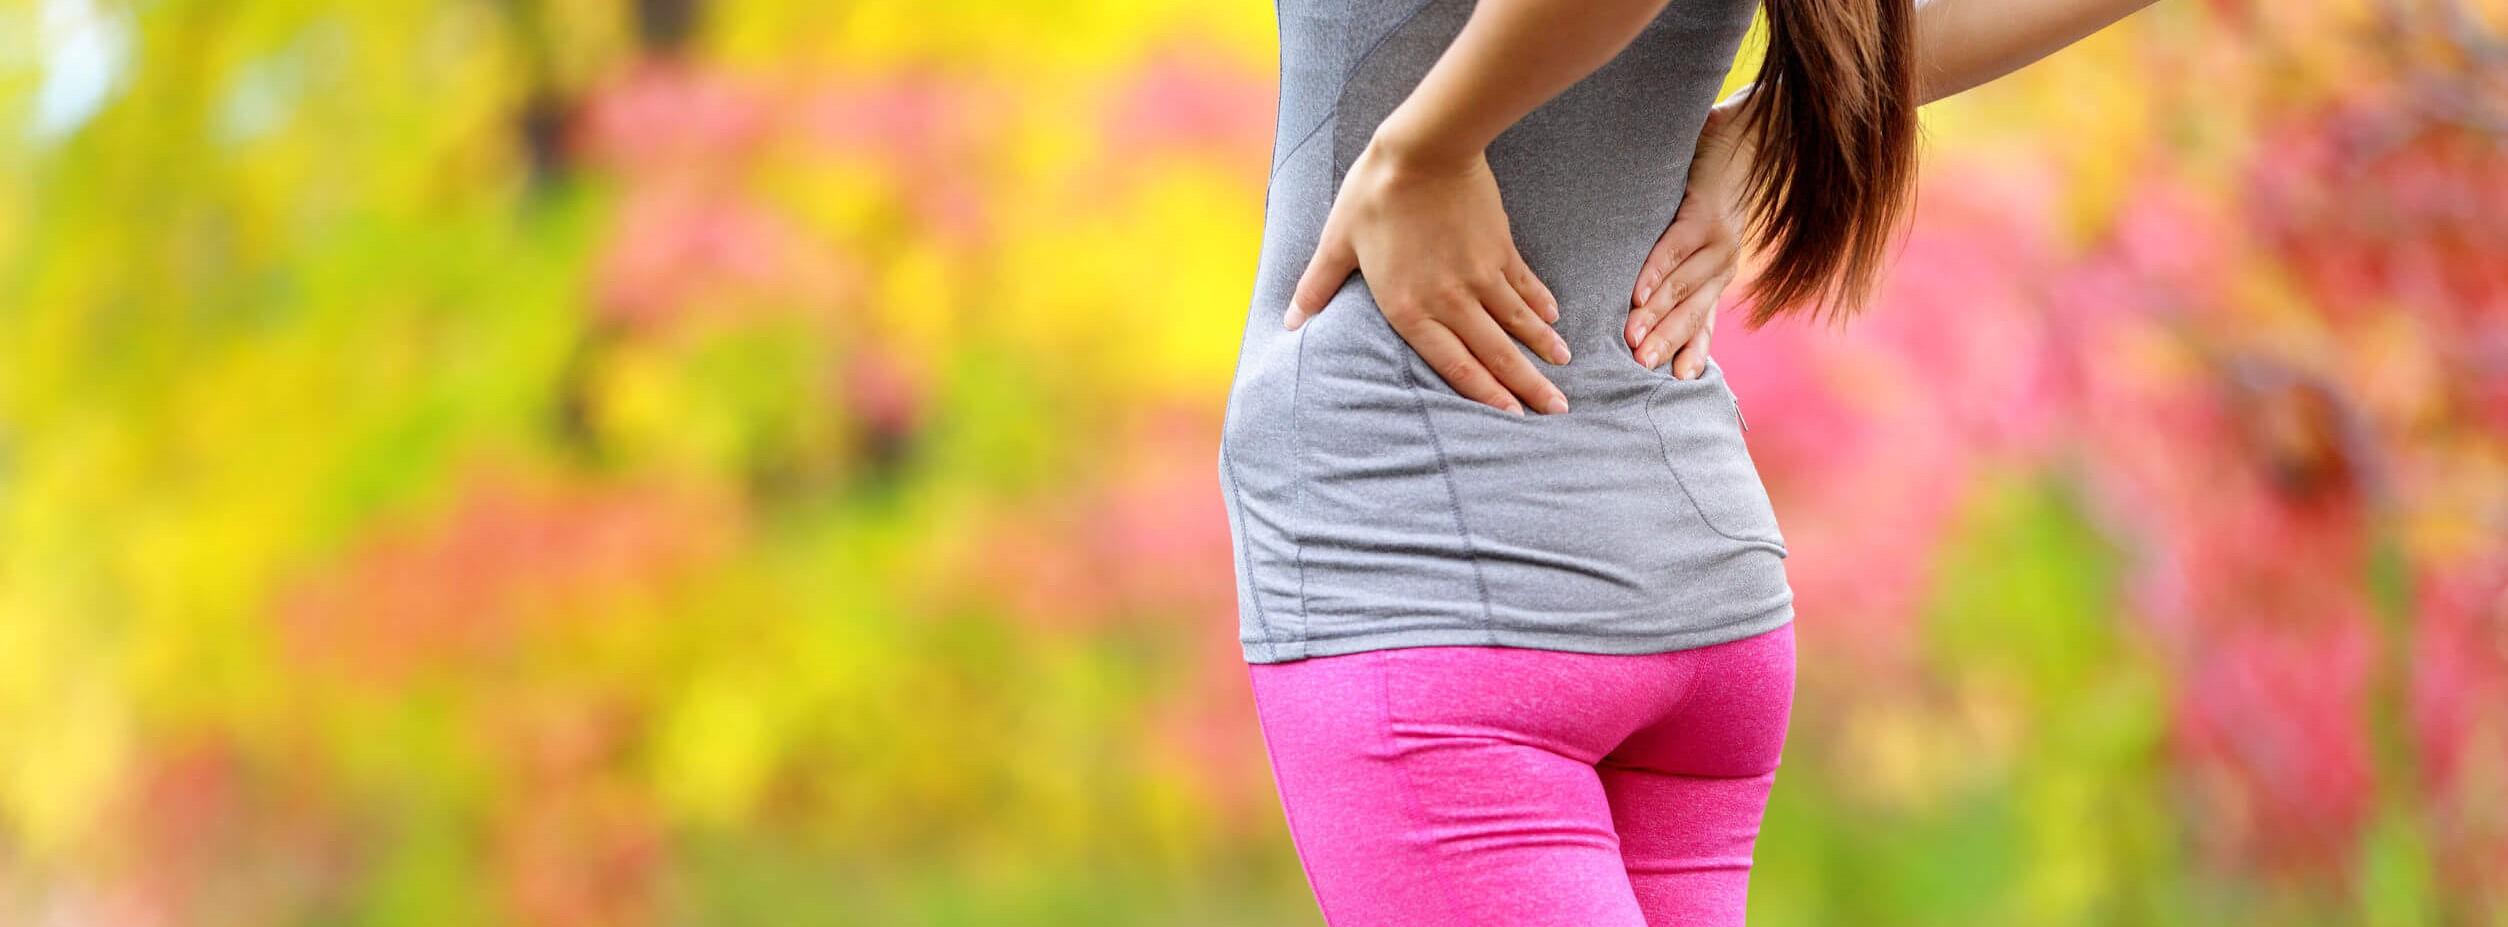 ランニングしたときの脇腹の痛みどうしてる?